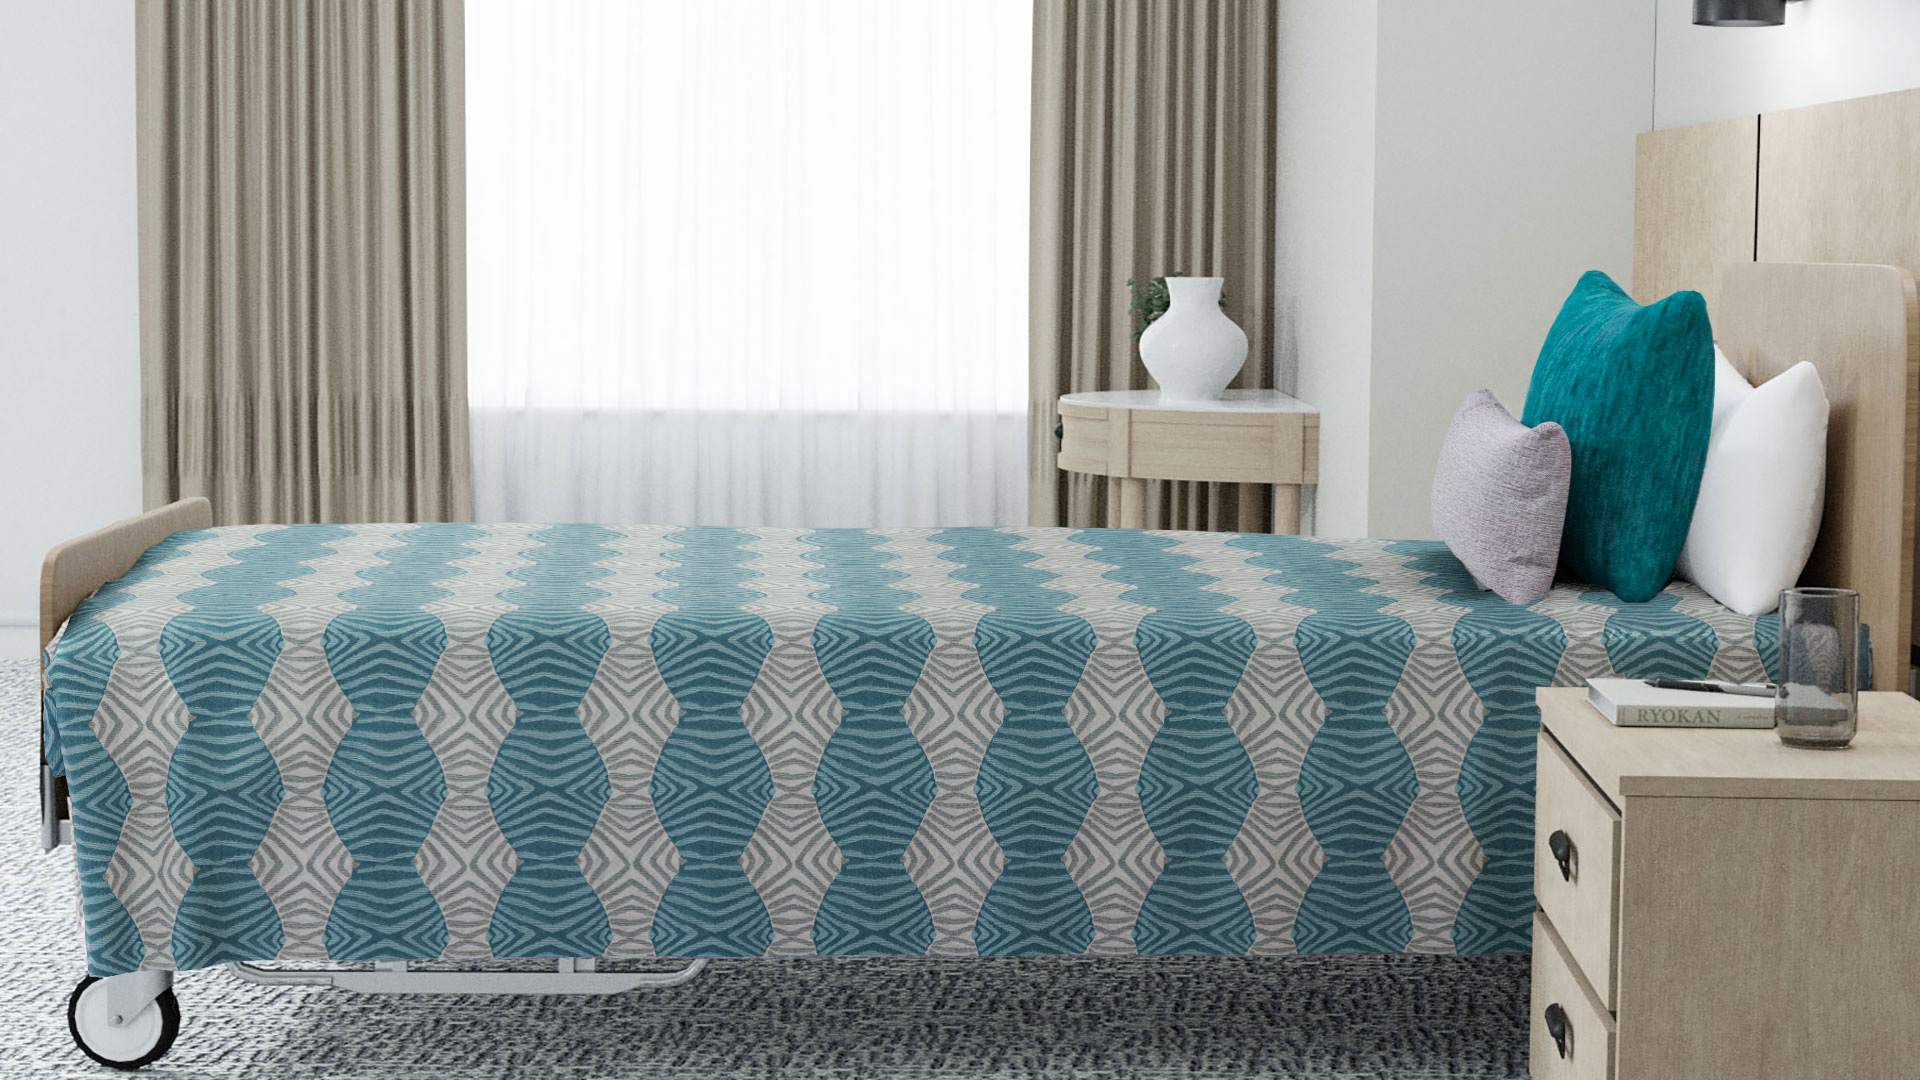 Agedcare-Decorative-Cushions-SideShot-Image